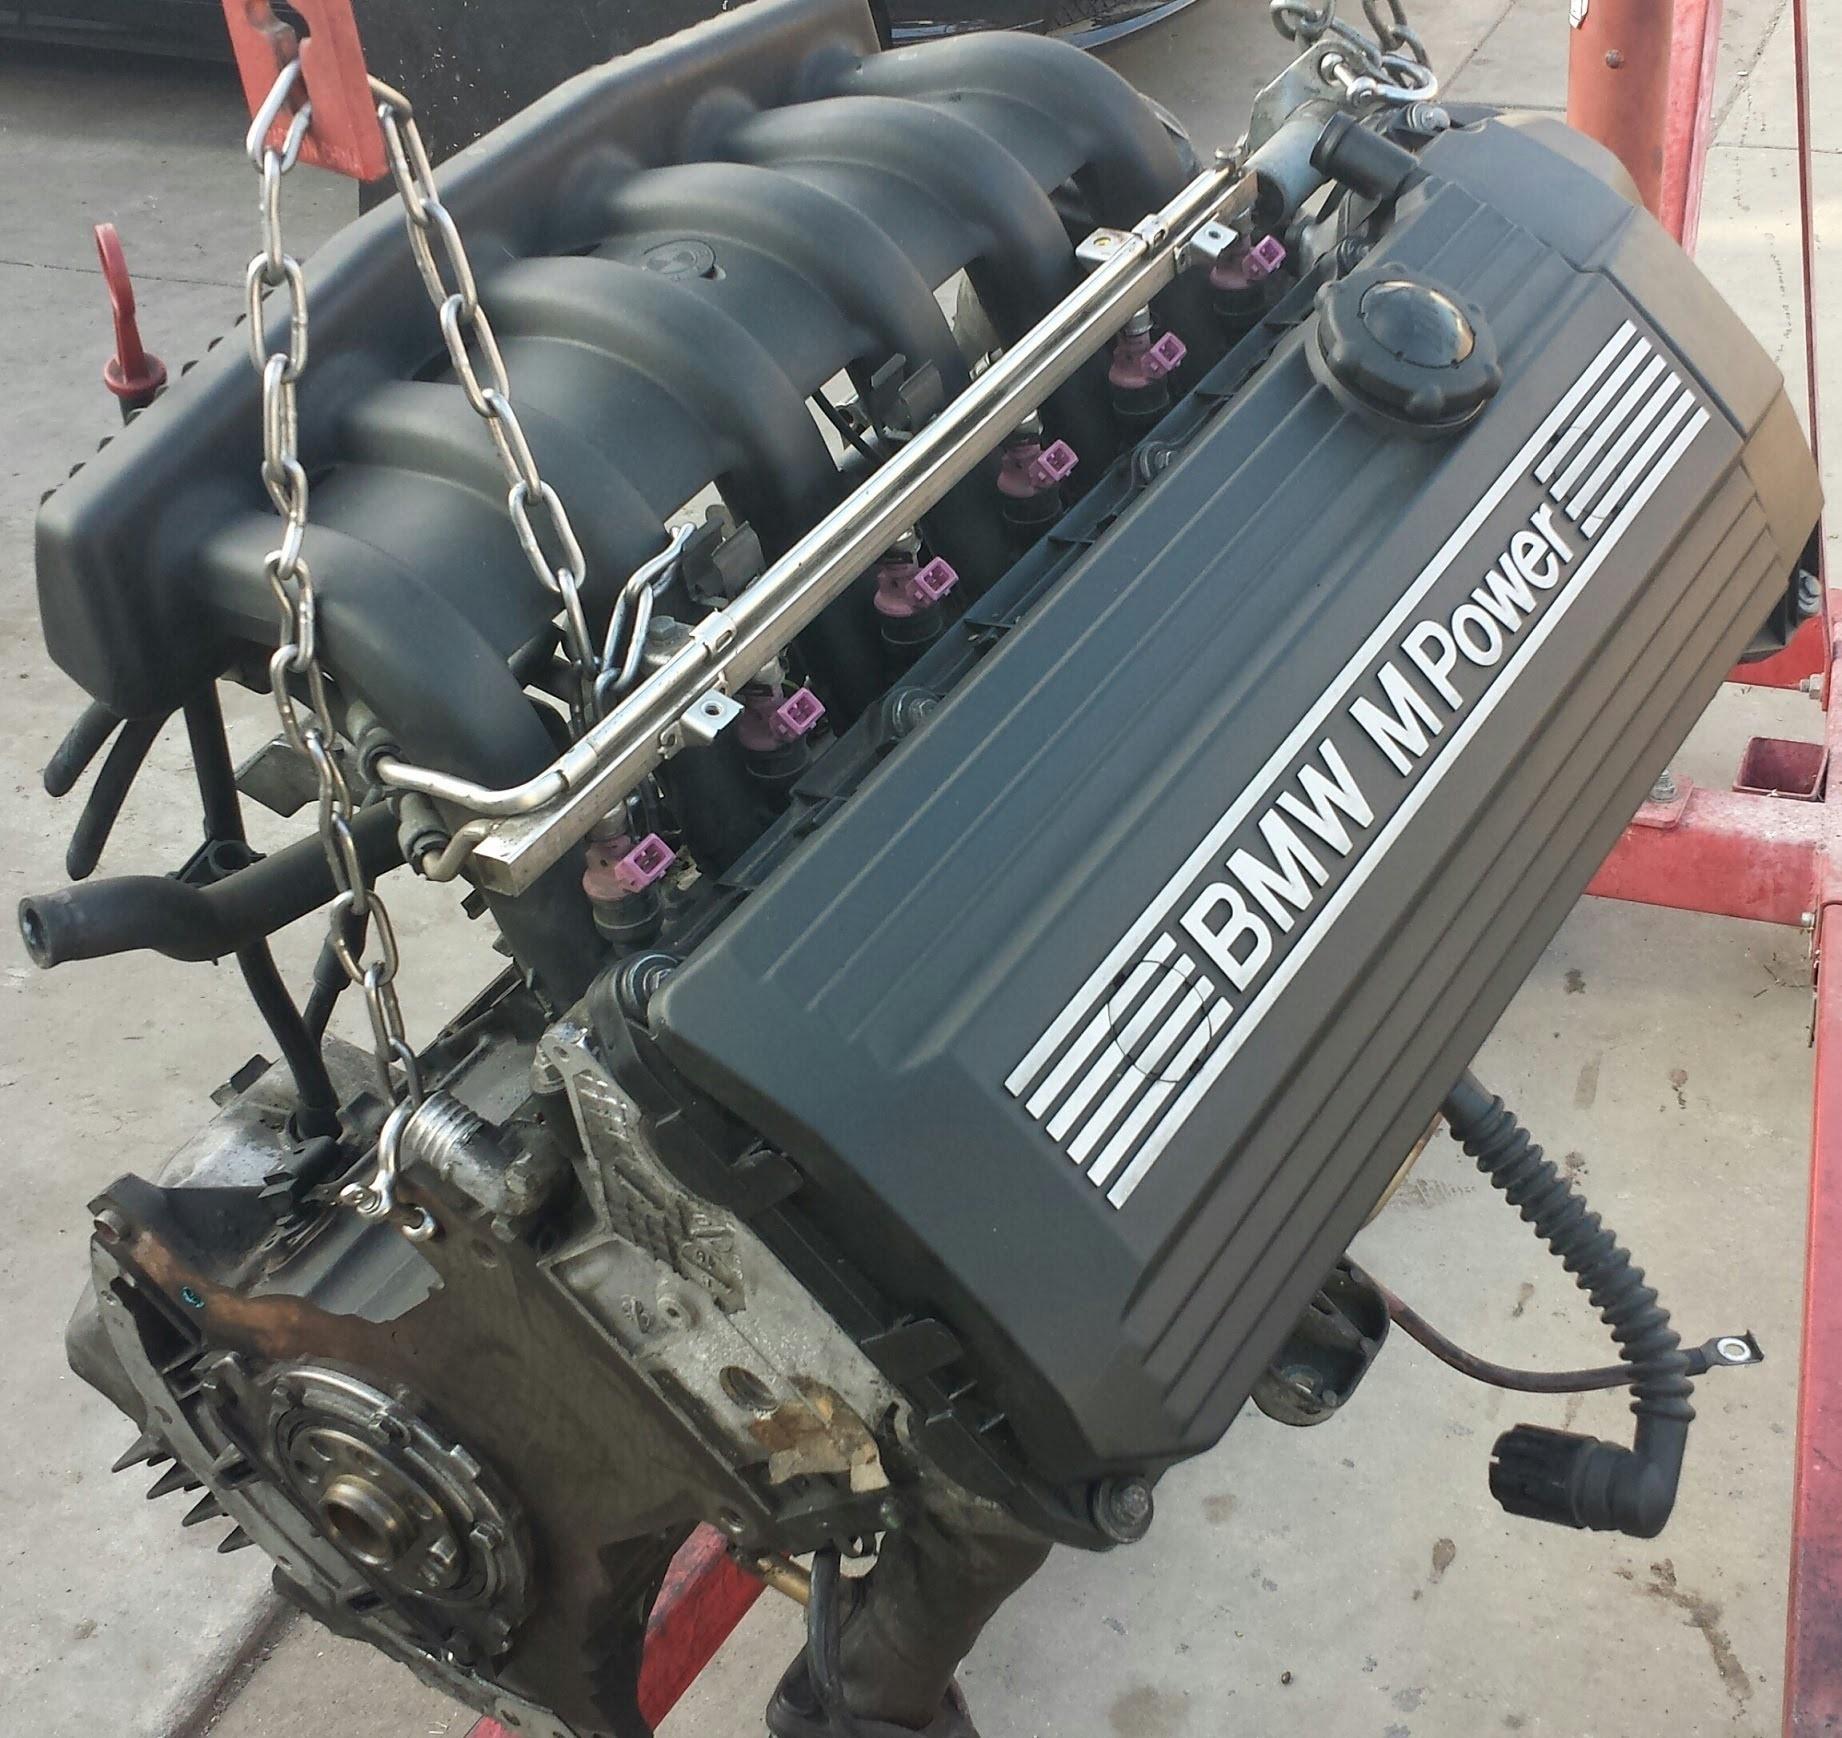 1996 Bmw 328i Engine Diagram Bmw E36 M3 Engine Maintenance Diagram 325 328 S52 Motor Of 1996 Bmw 328i Engine Diagram